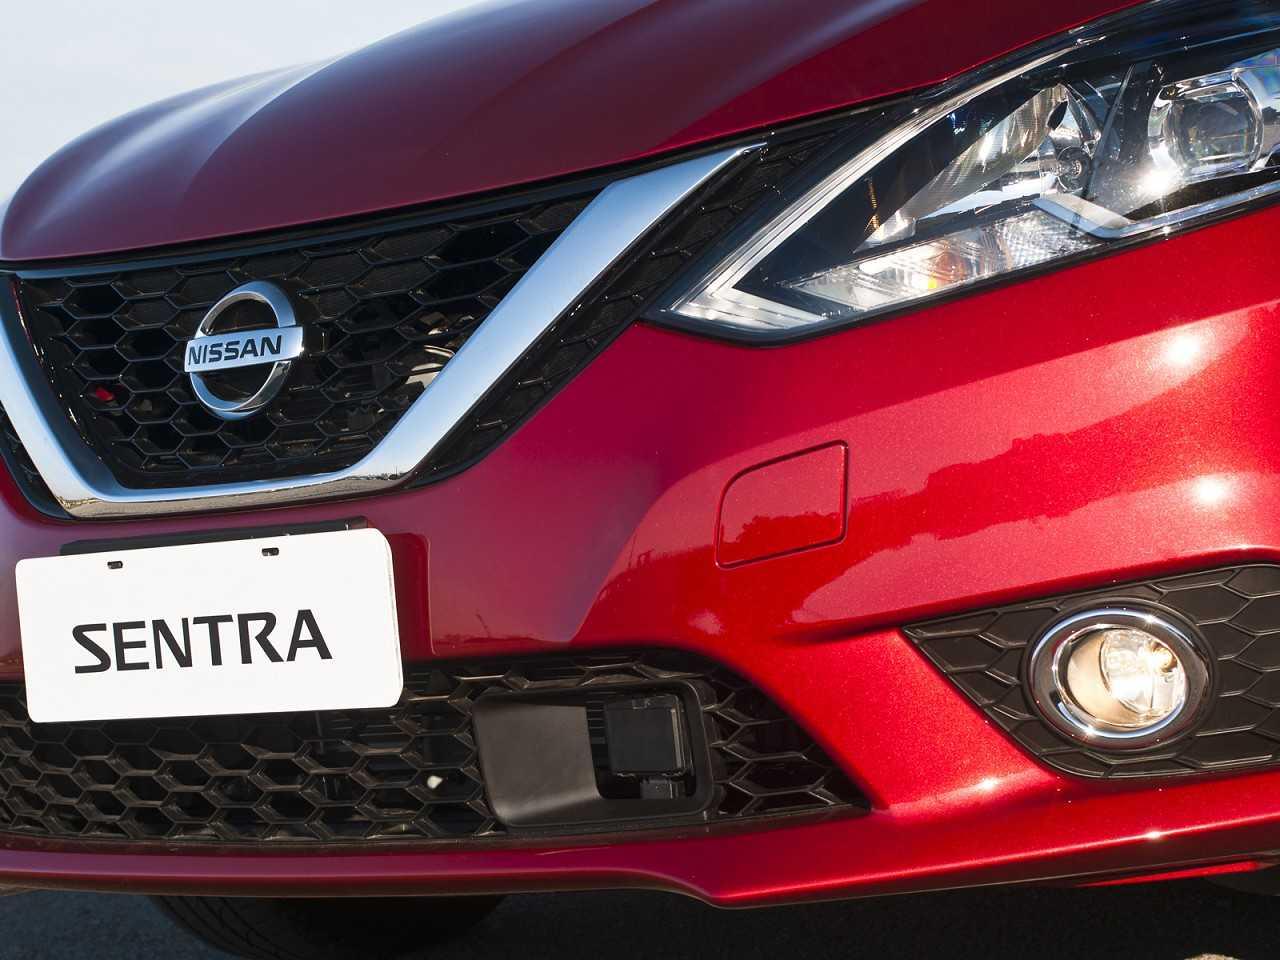 NissanSentra 2017 - grade frontal